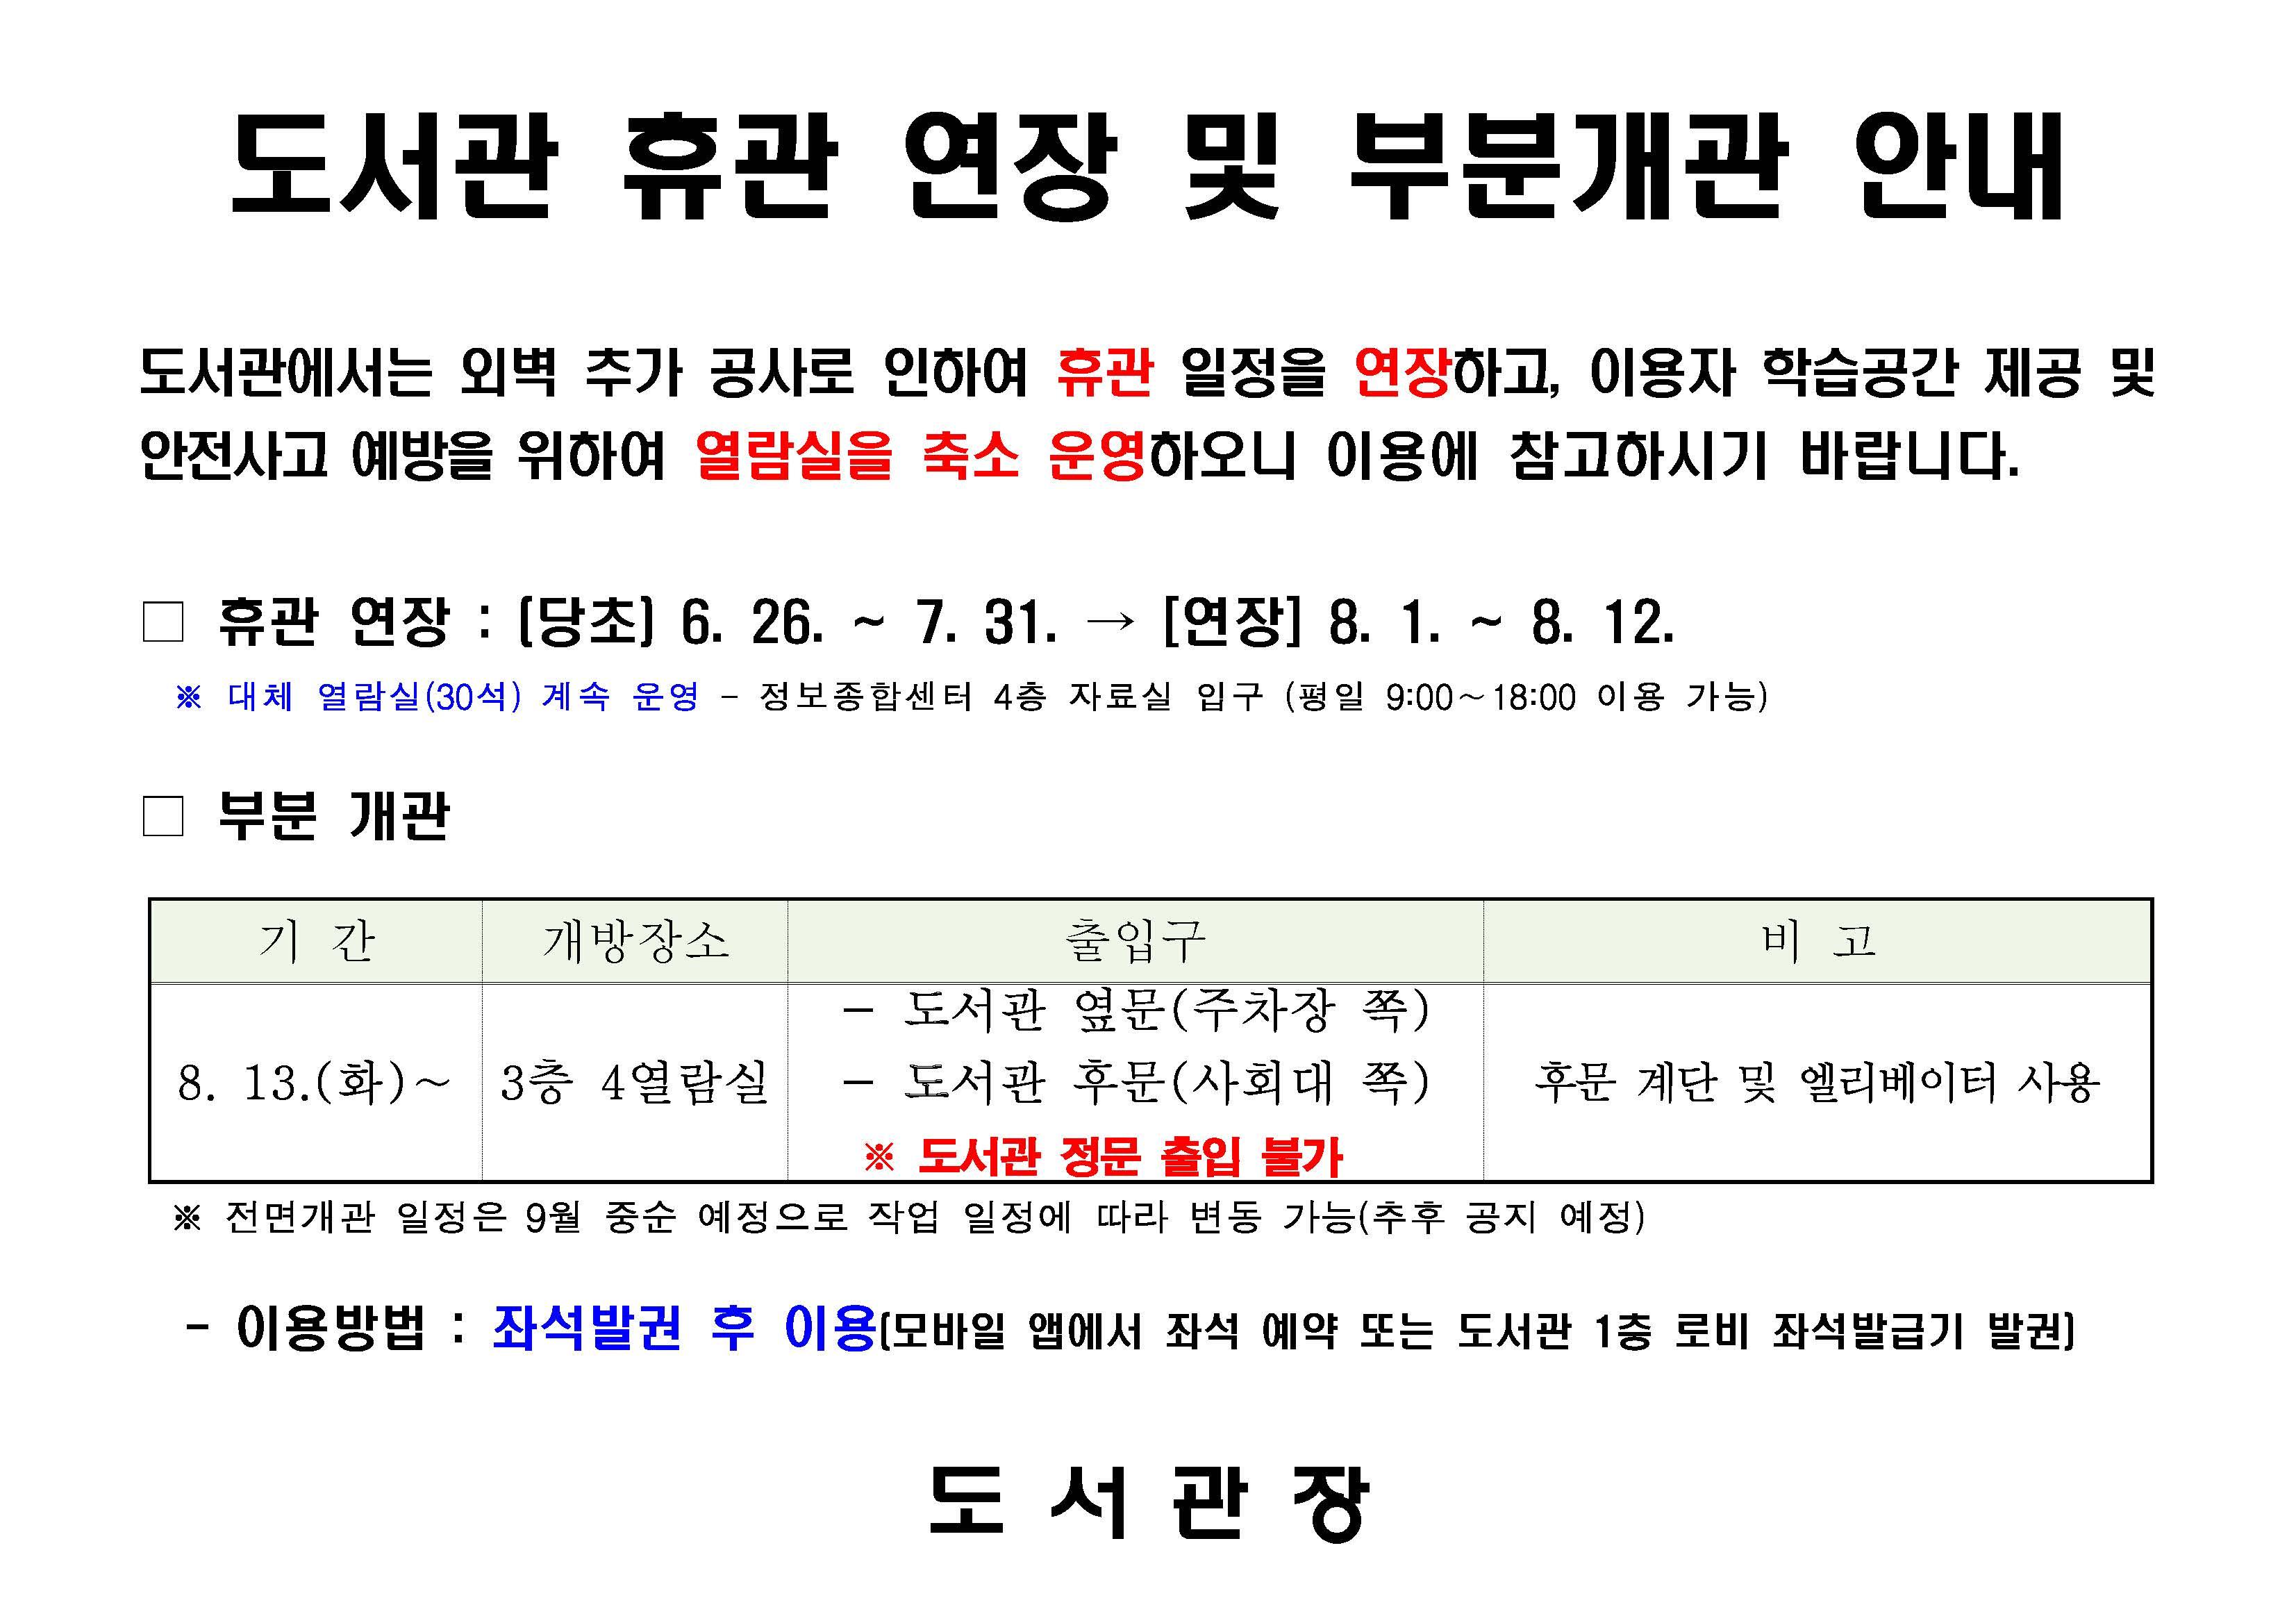 도서관 휴관 연장 및 부분개관 안내